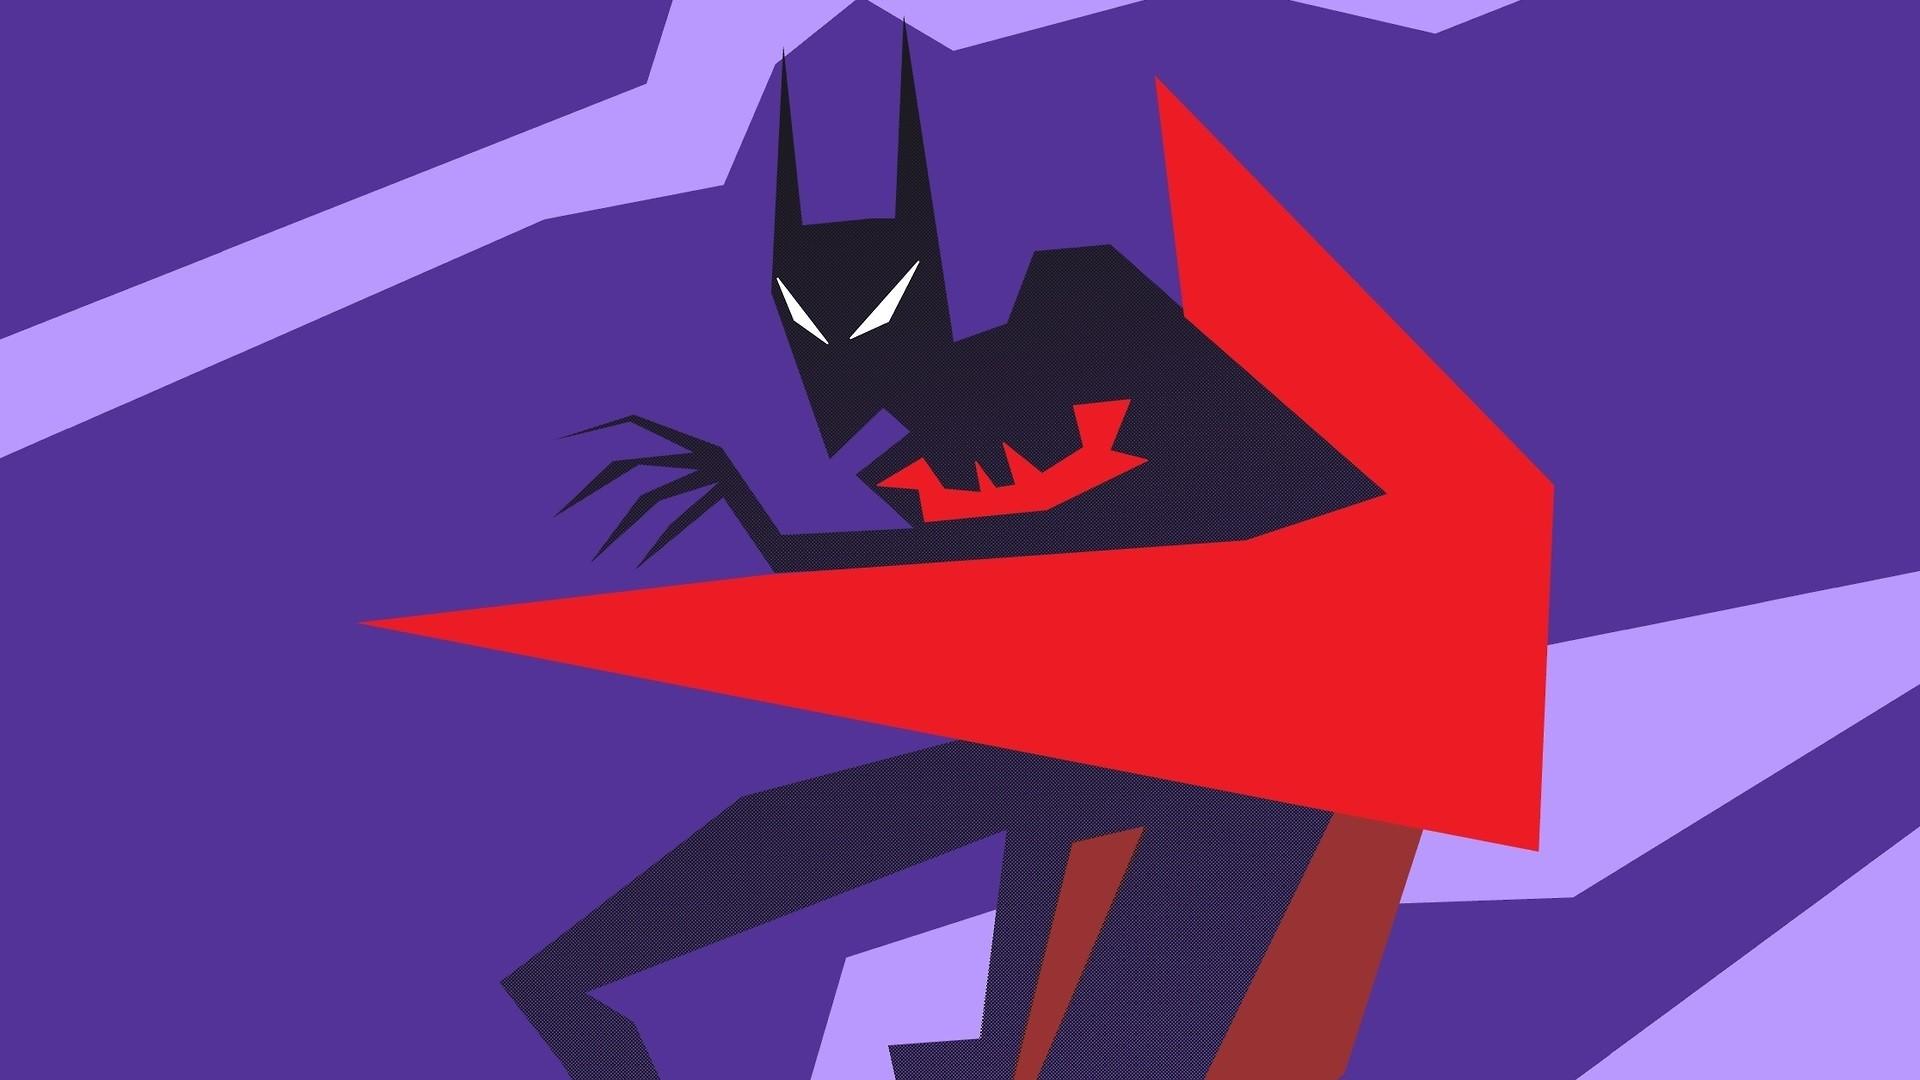 … Batman Beyond 1080p Wallpaper